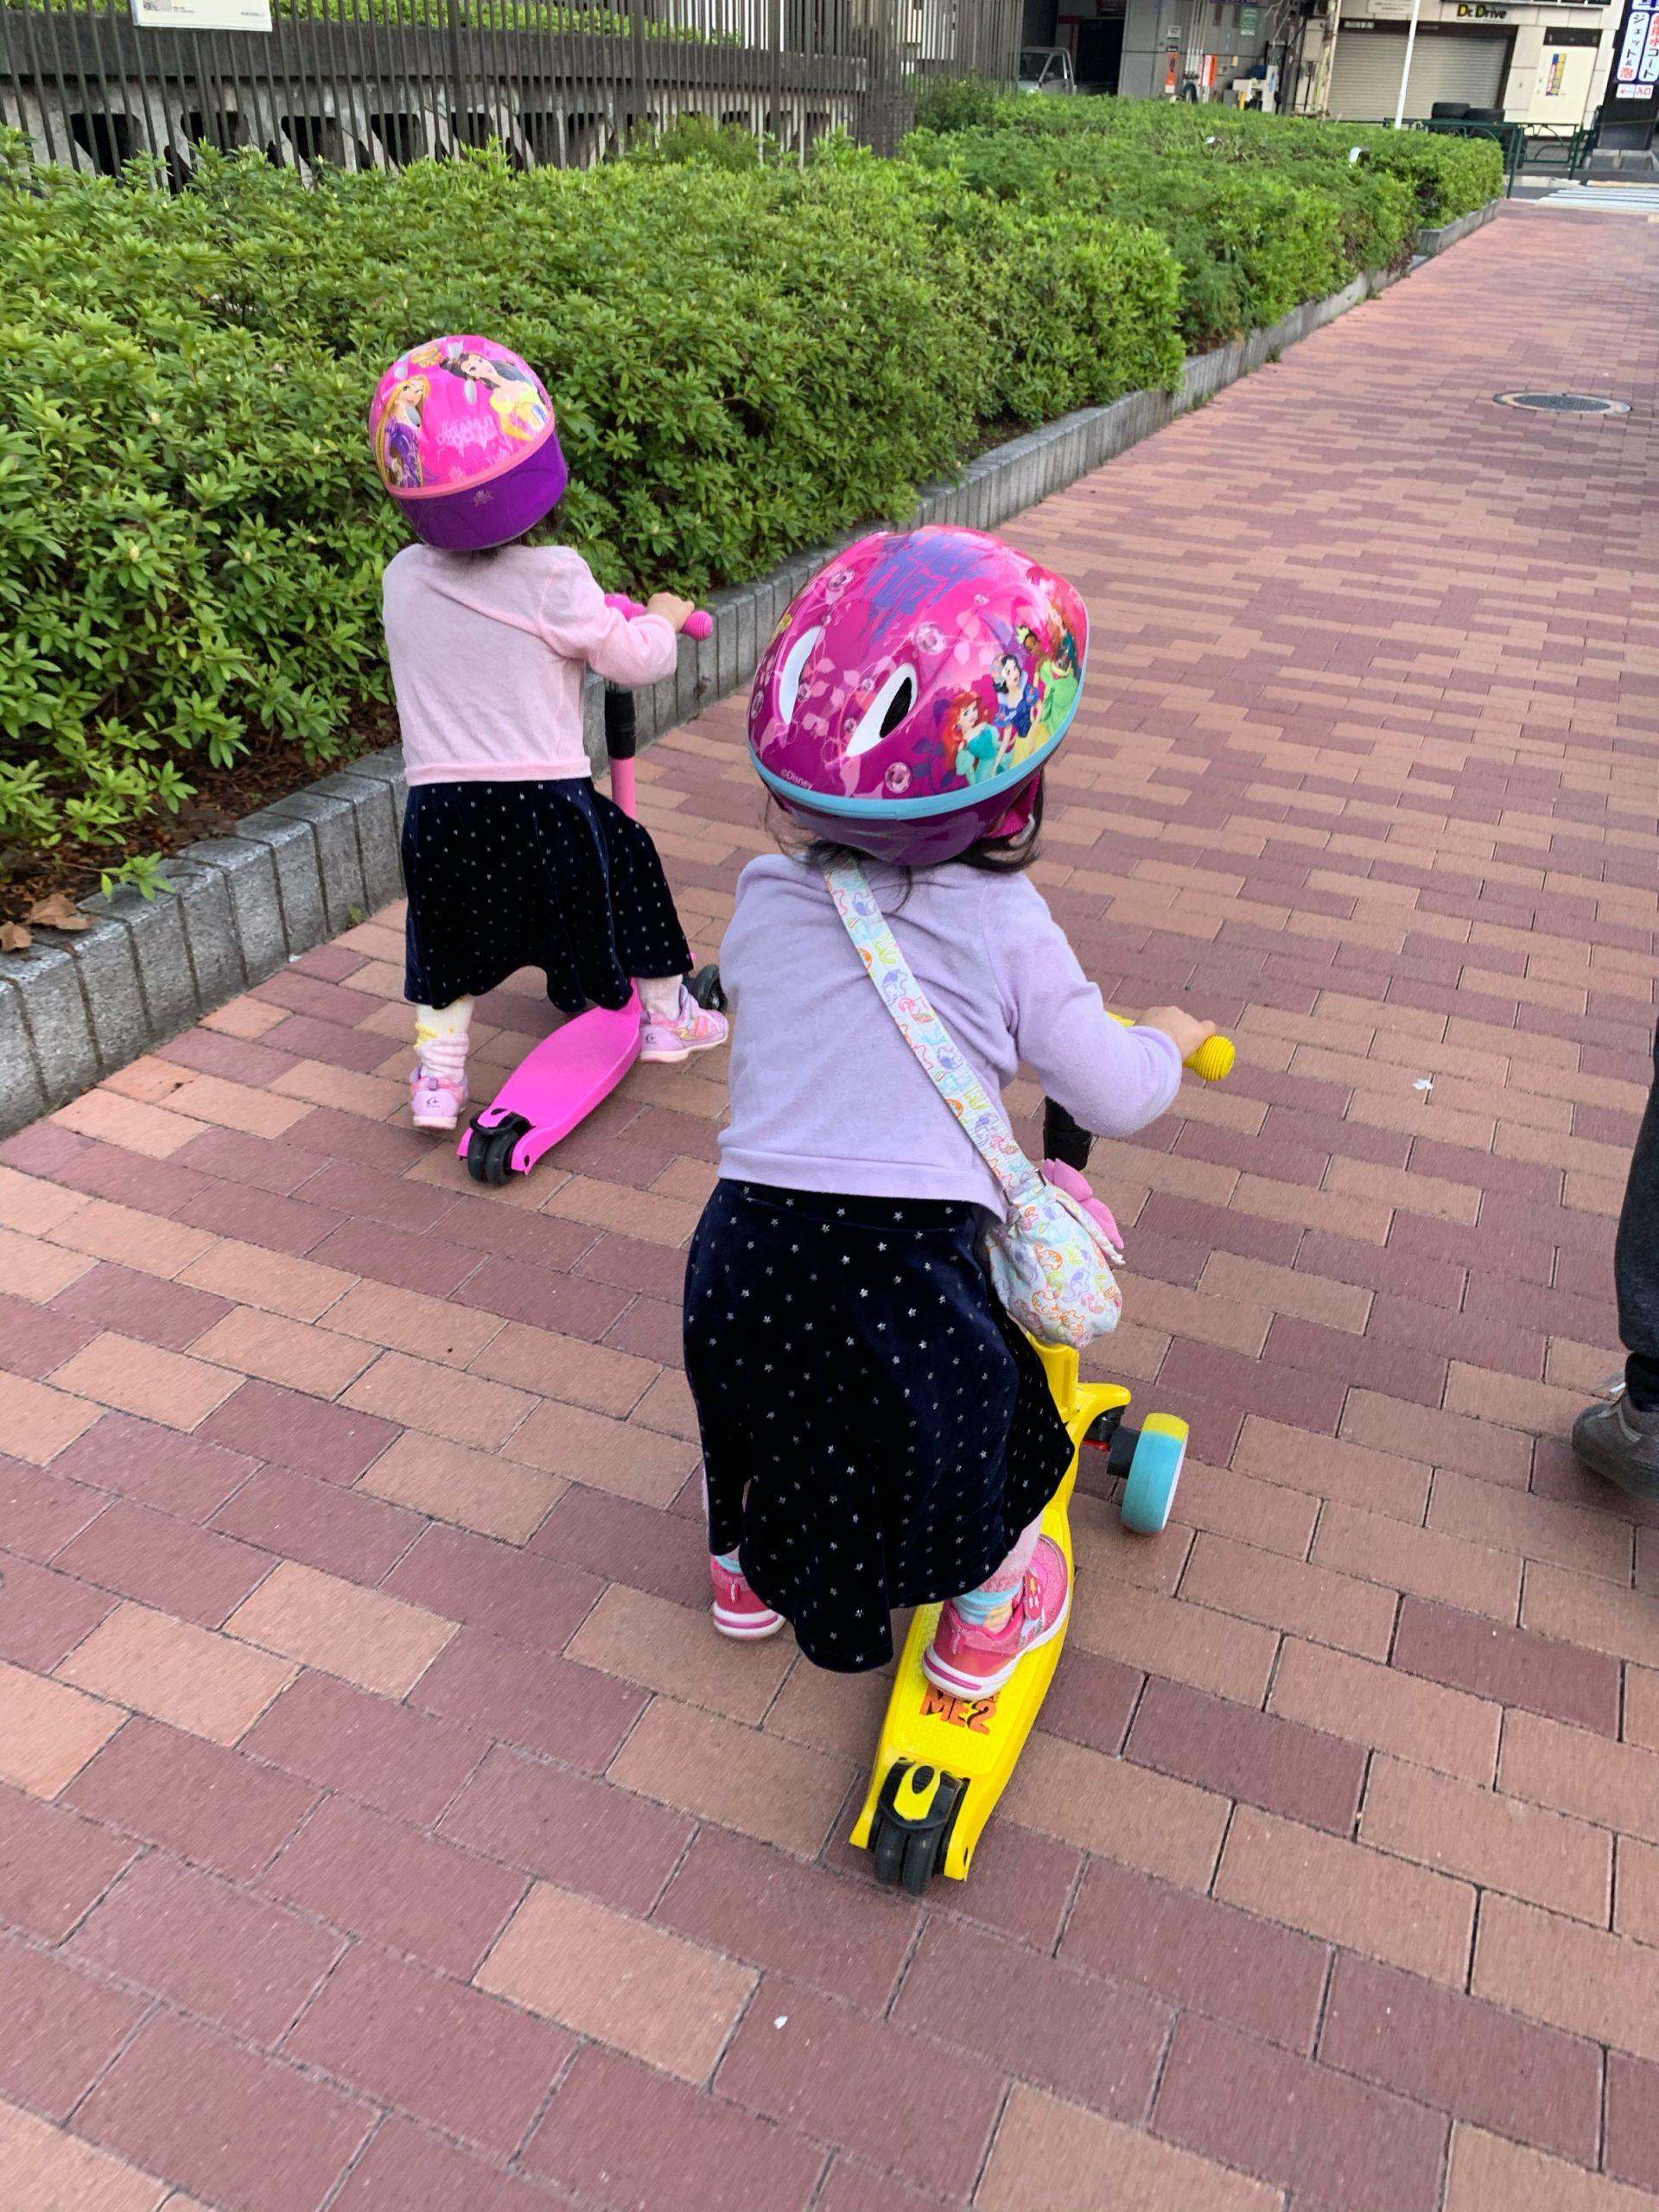 【双子4歳-運動不足解消】コロナ禍 遊具のない広い公園、広場/3密(密です)を回避して遊ぶ方法まとめ #キックボード